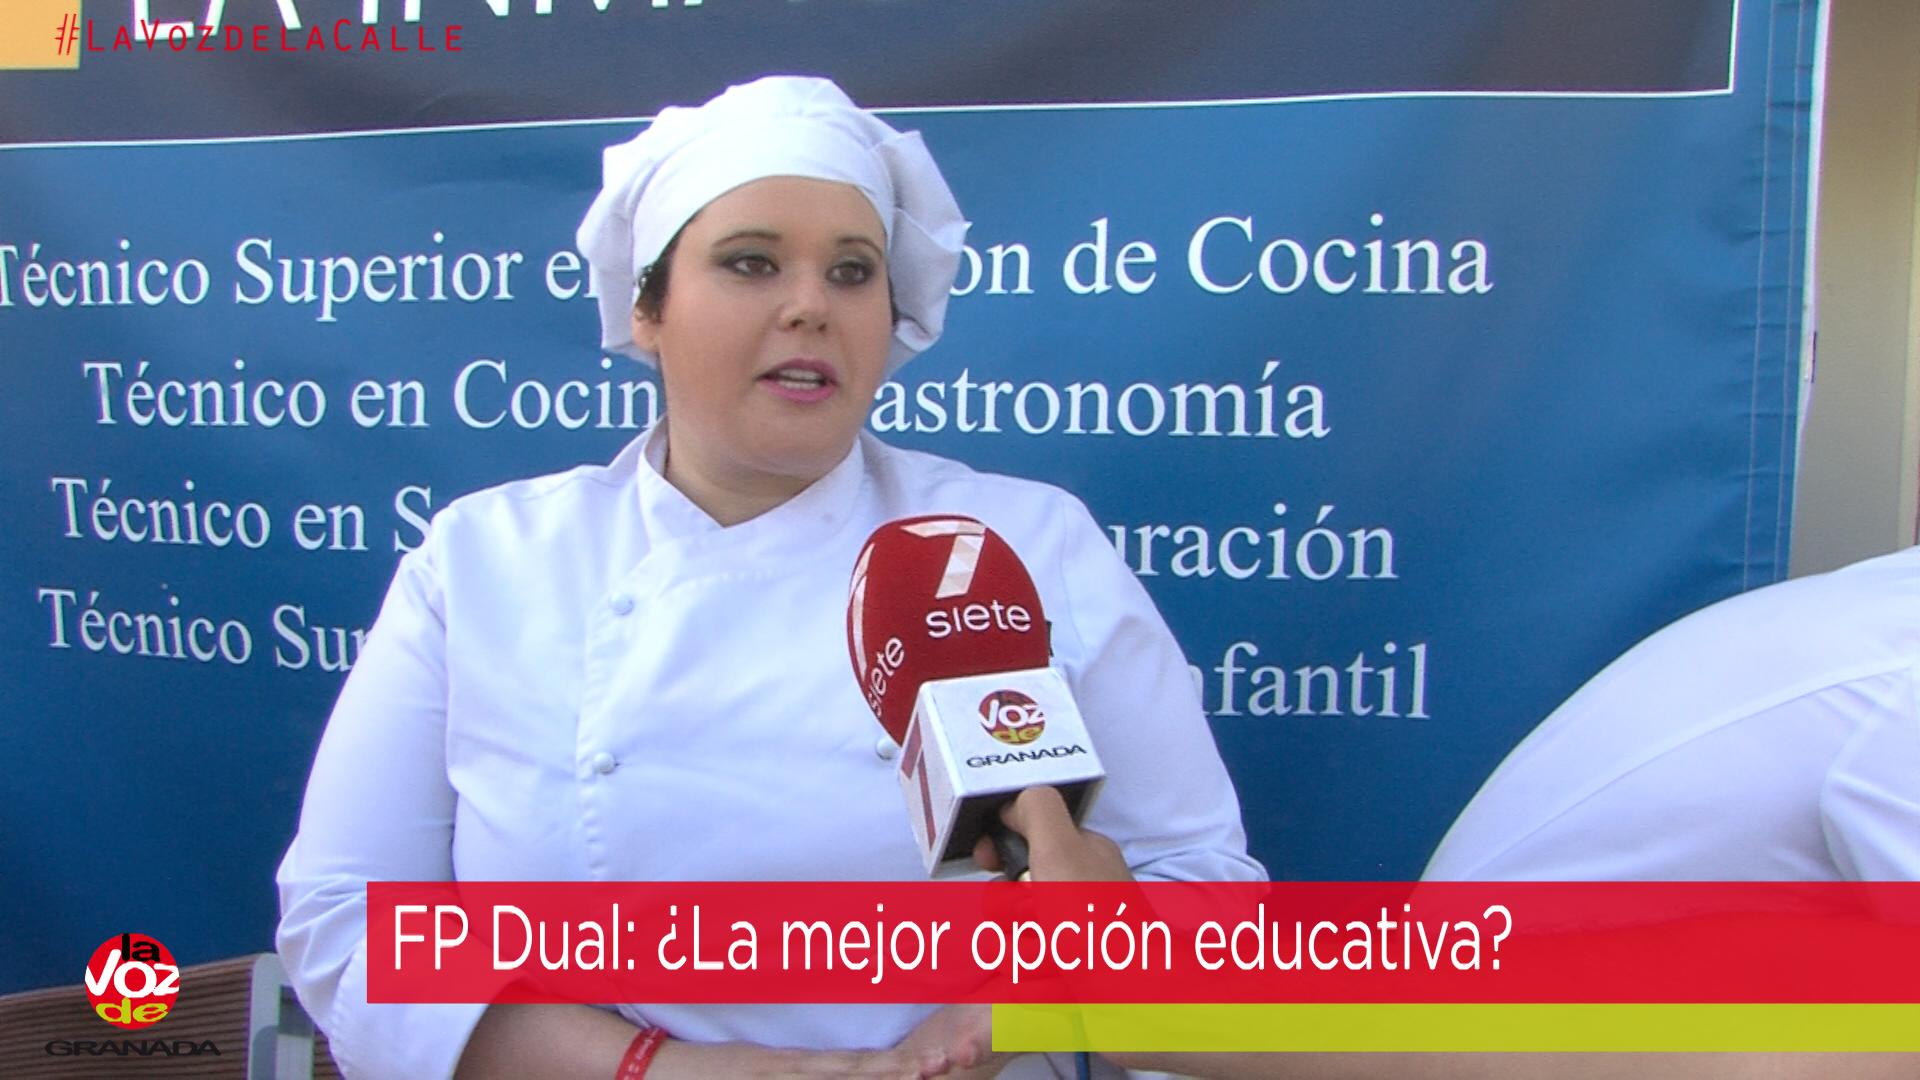 #LaVozdelaCalle: ¿Es la FP dual la mejor opción educativa actualmente?